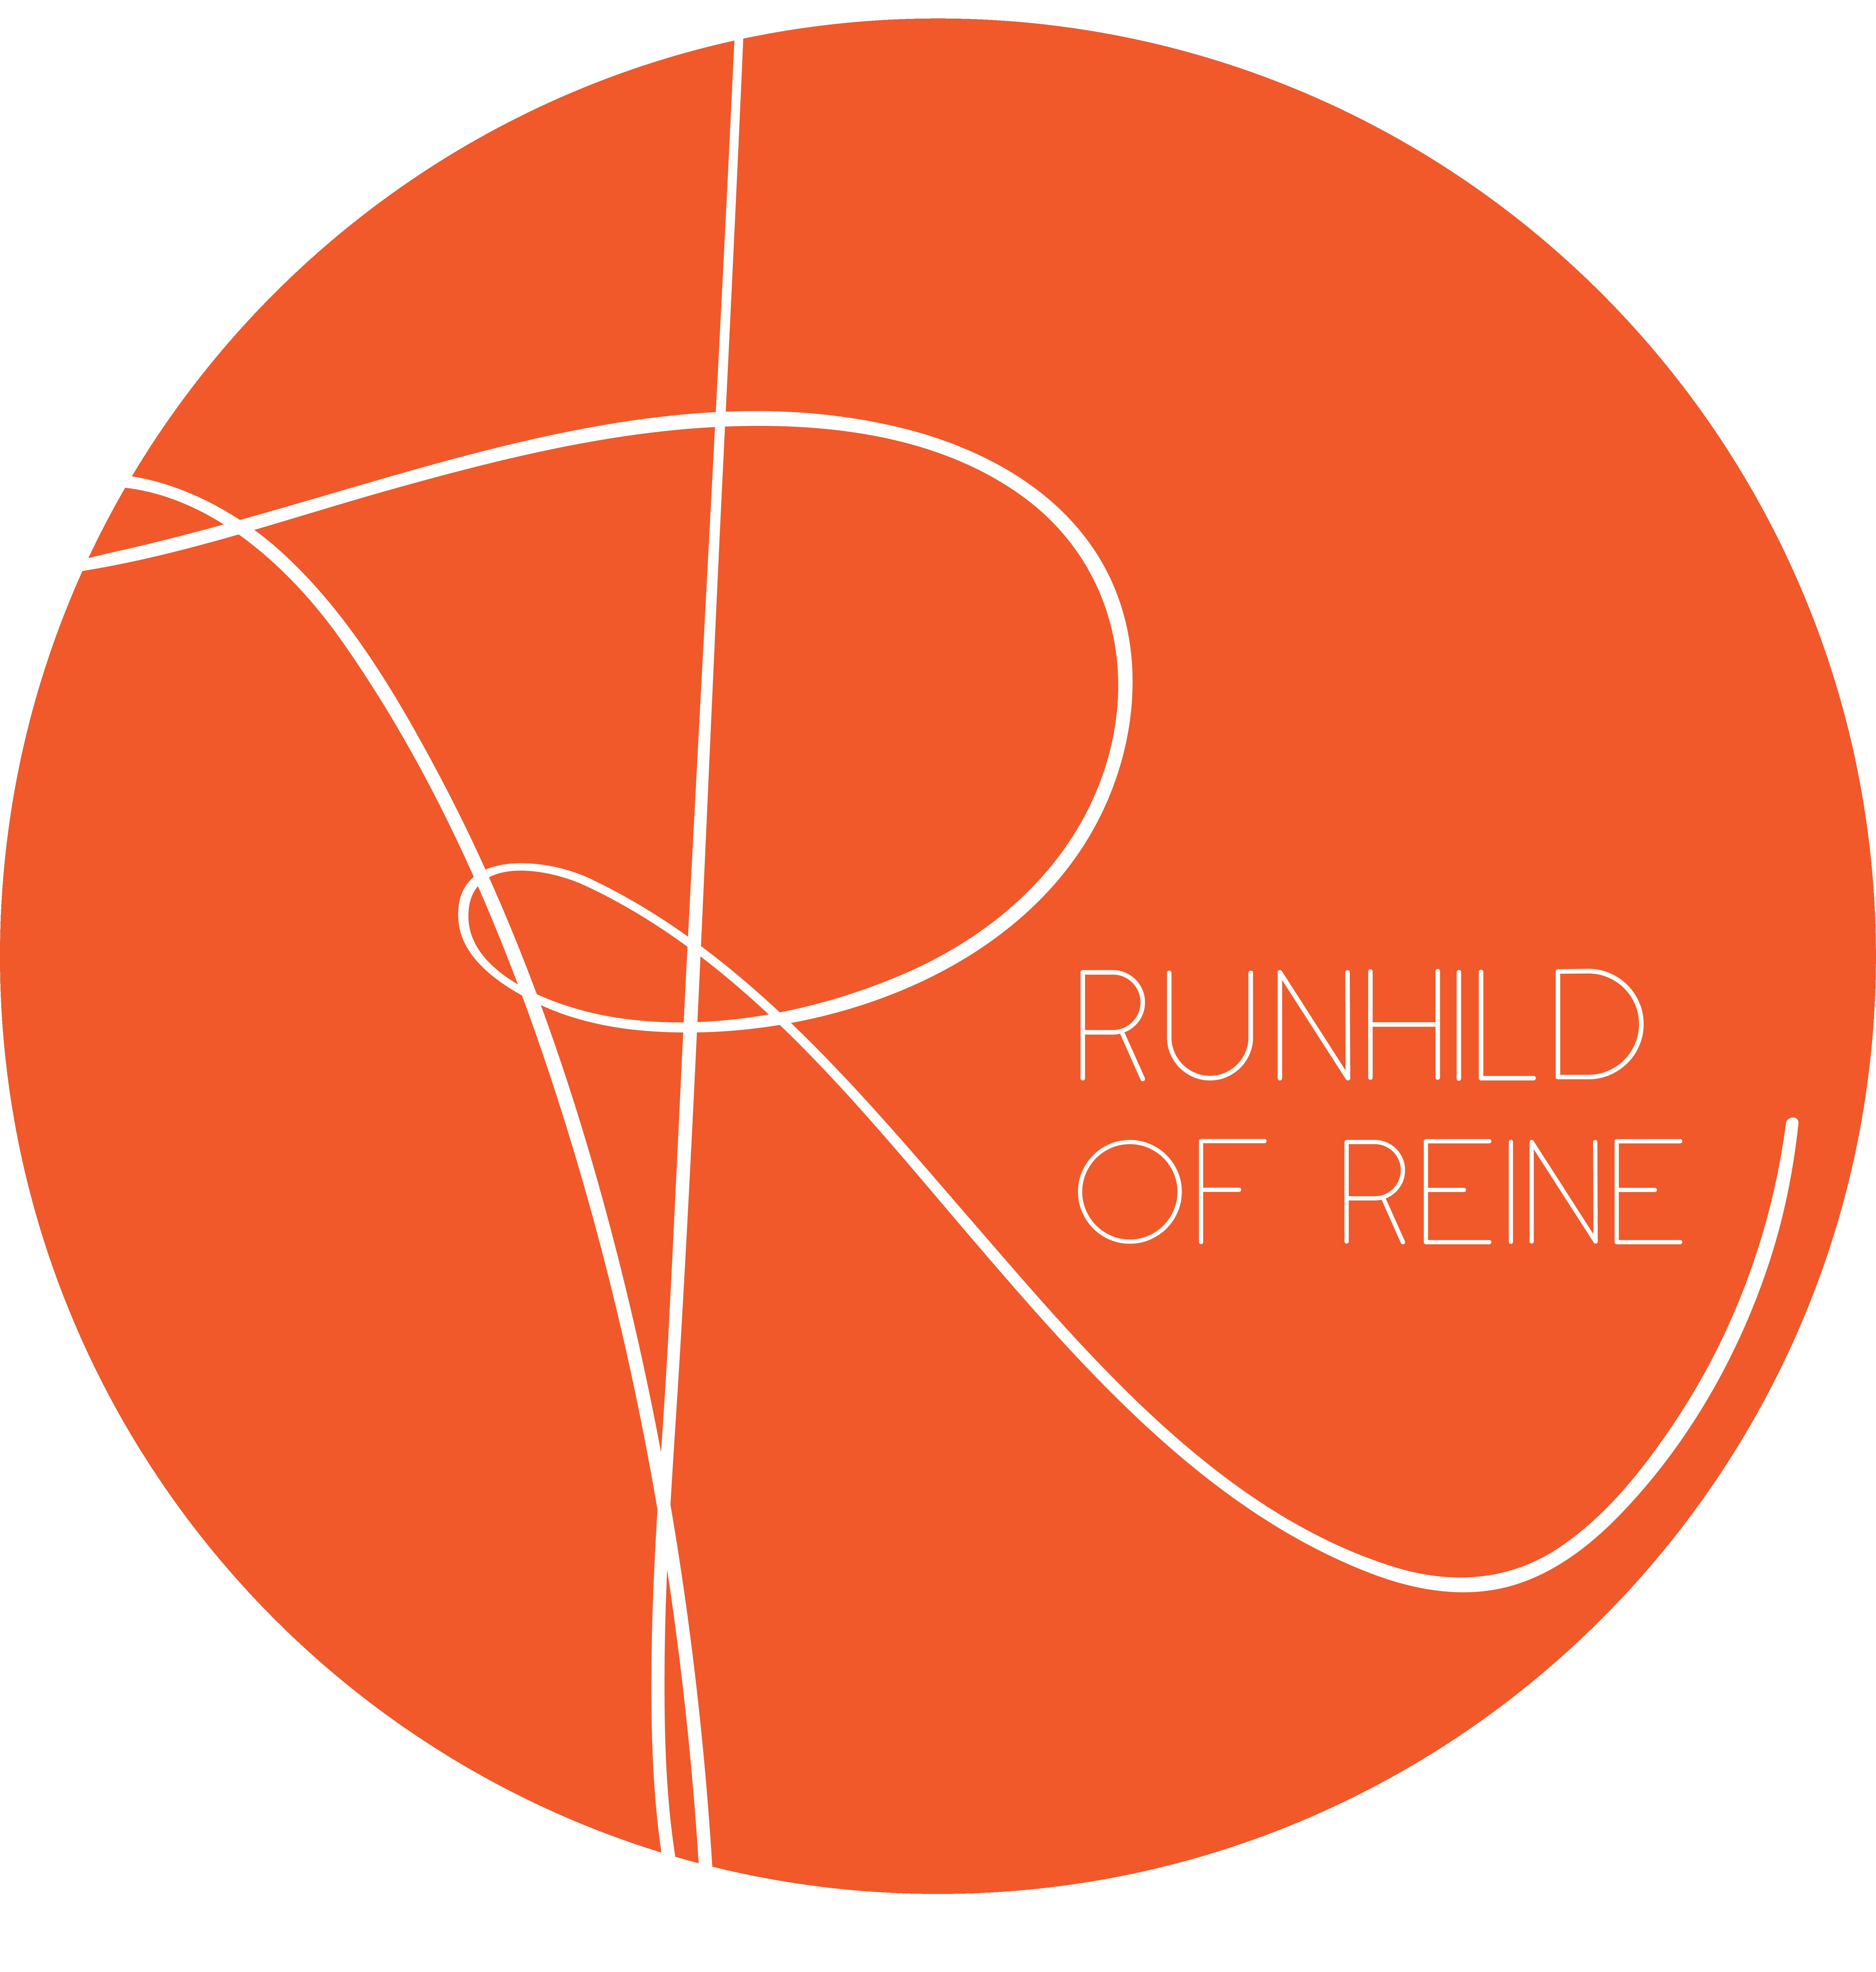 Runhild of Reine